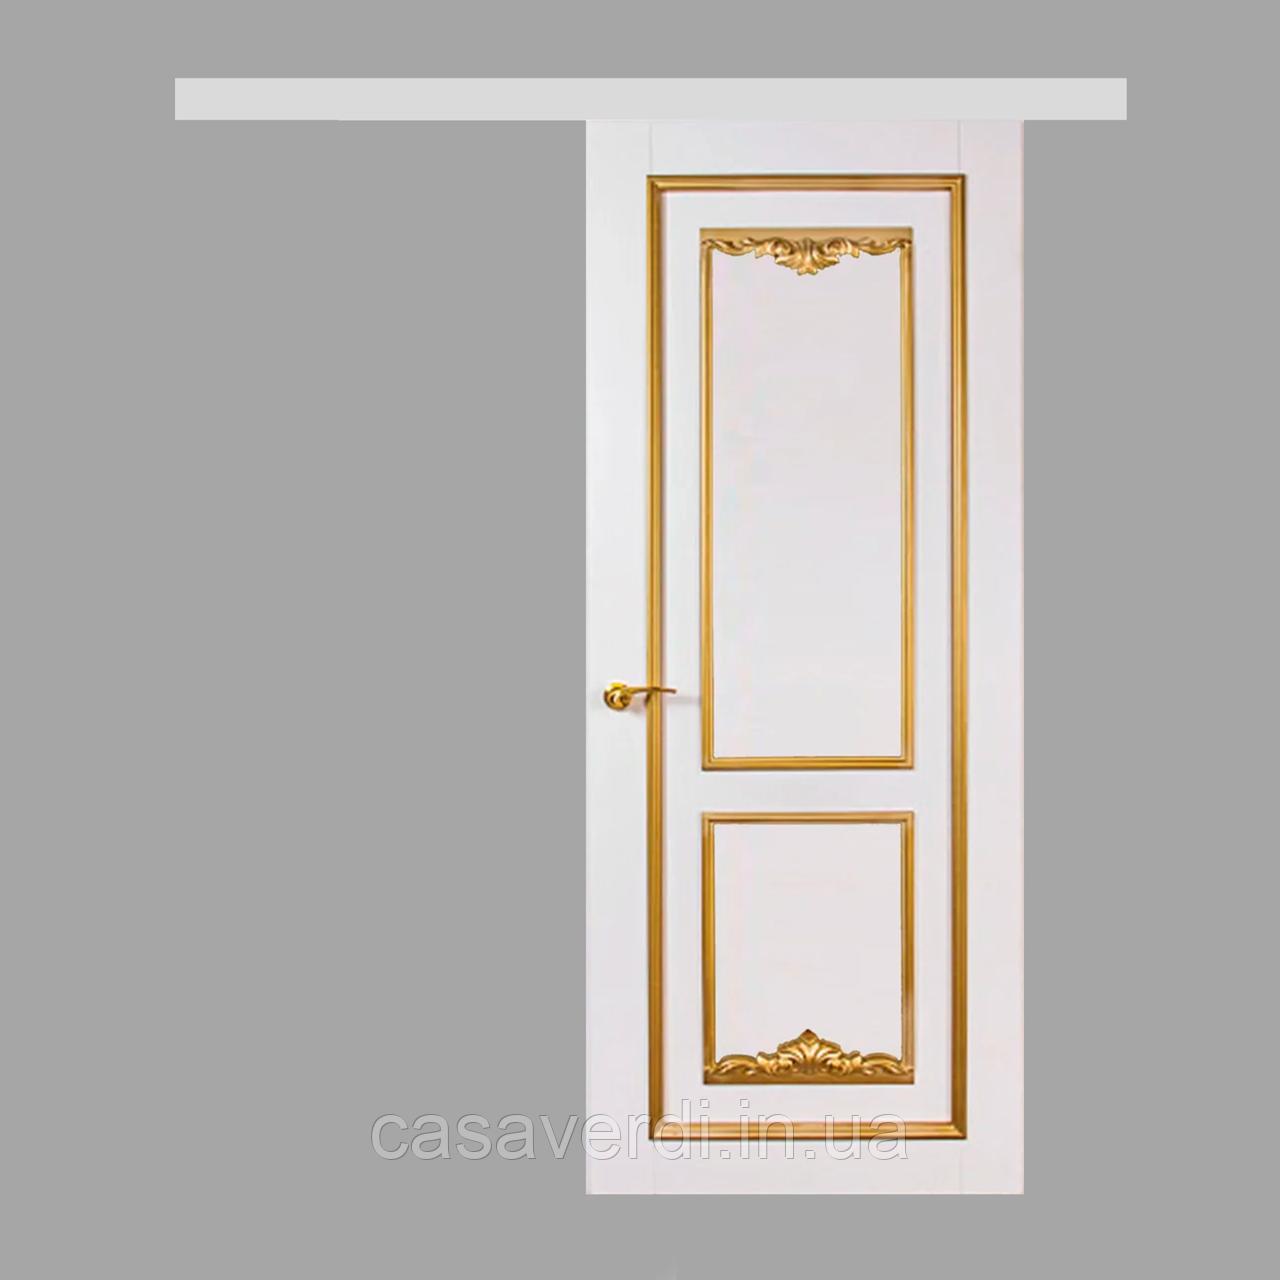 Міжкімнатні двері Casa Verdi Bourbon 2 розсувна з масиву вільхи біла із золотою патиною